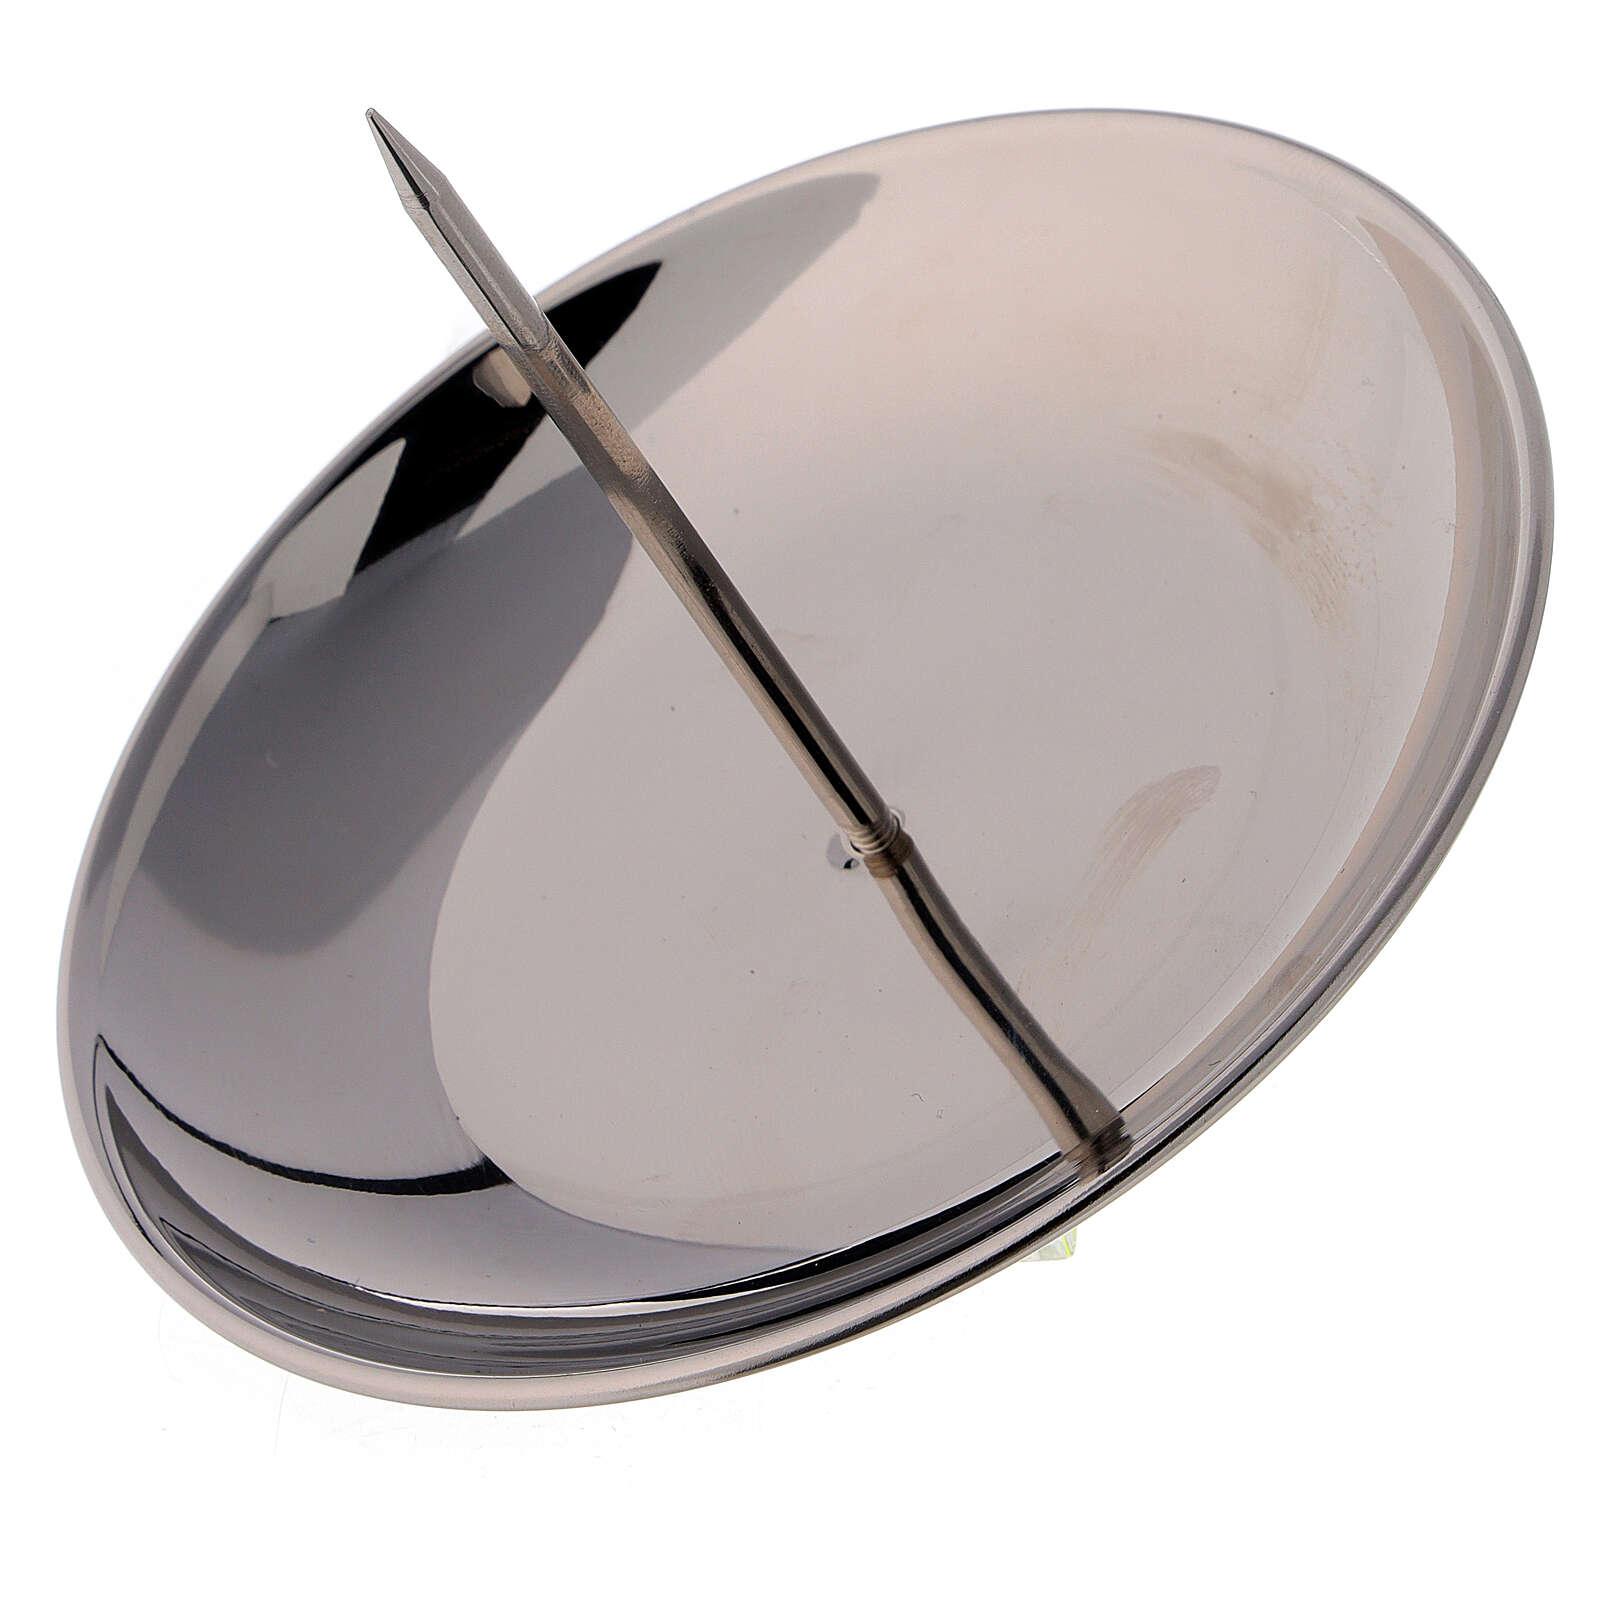 Punzone ottone nichelato lucido 12 cm avvento 3